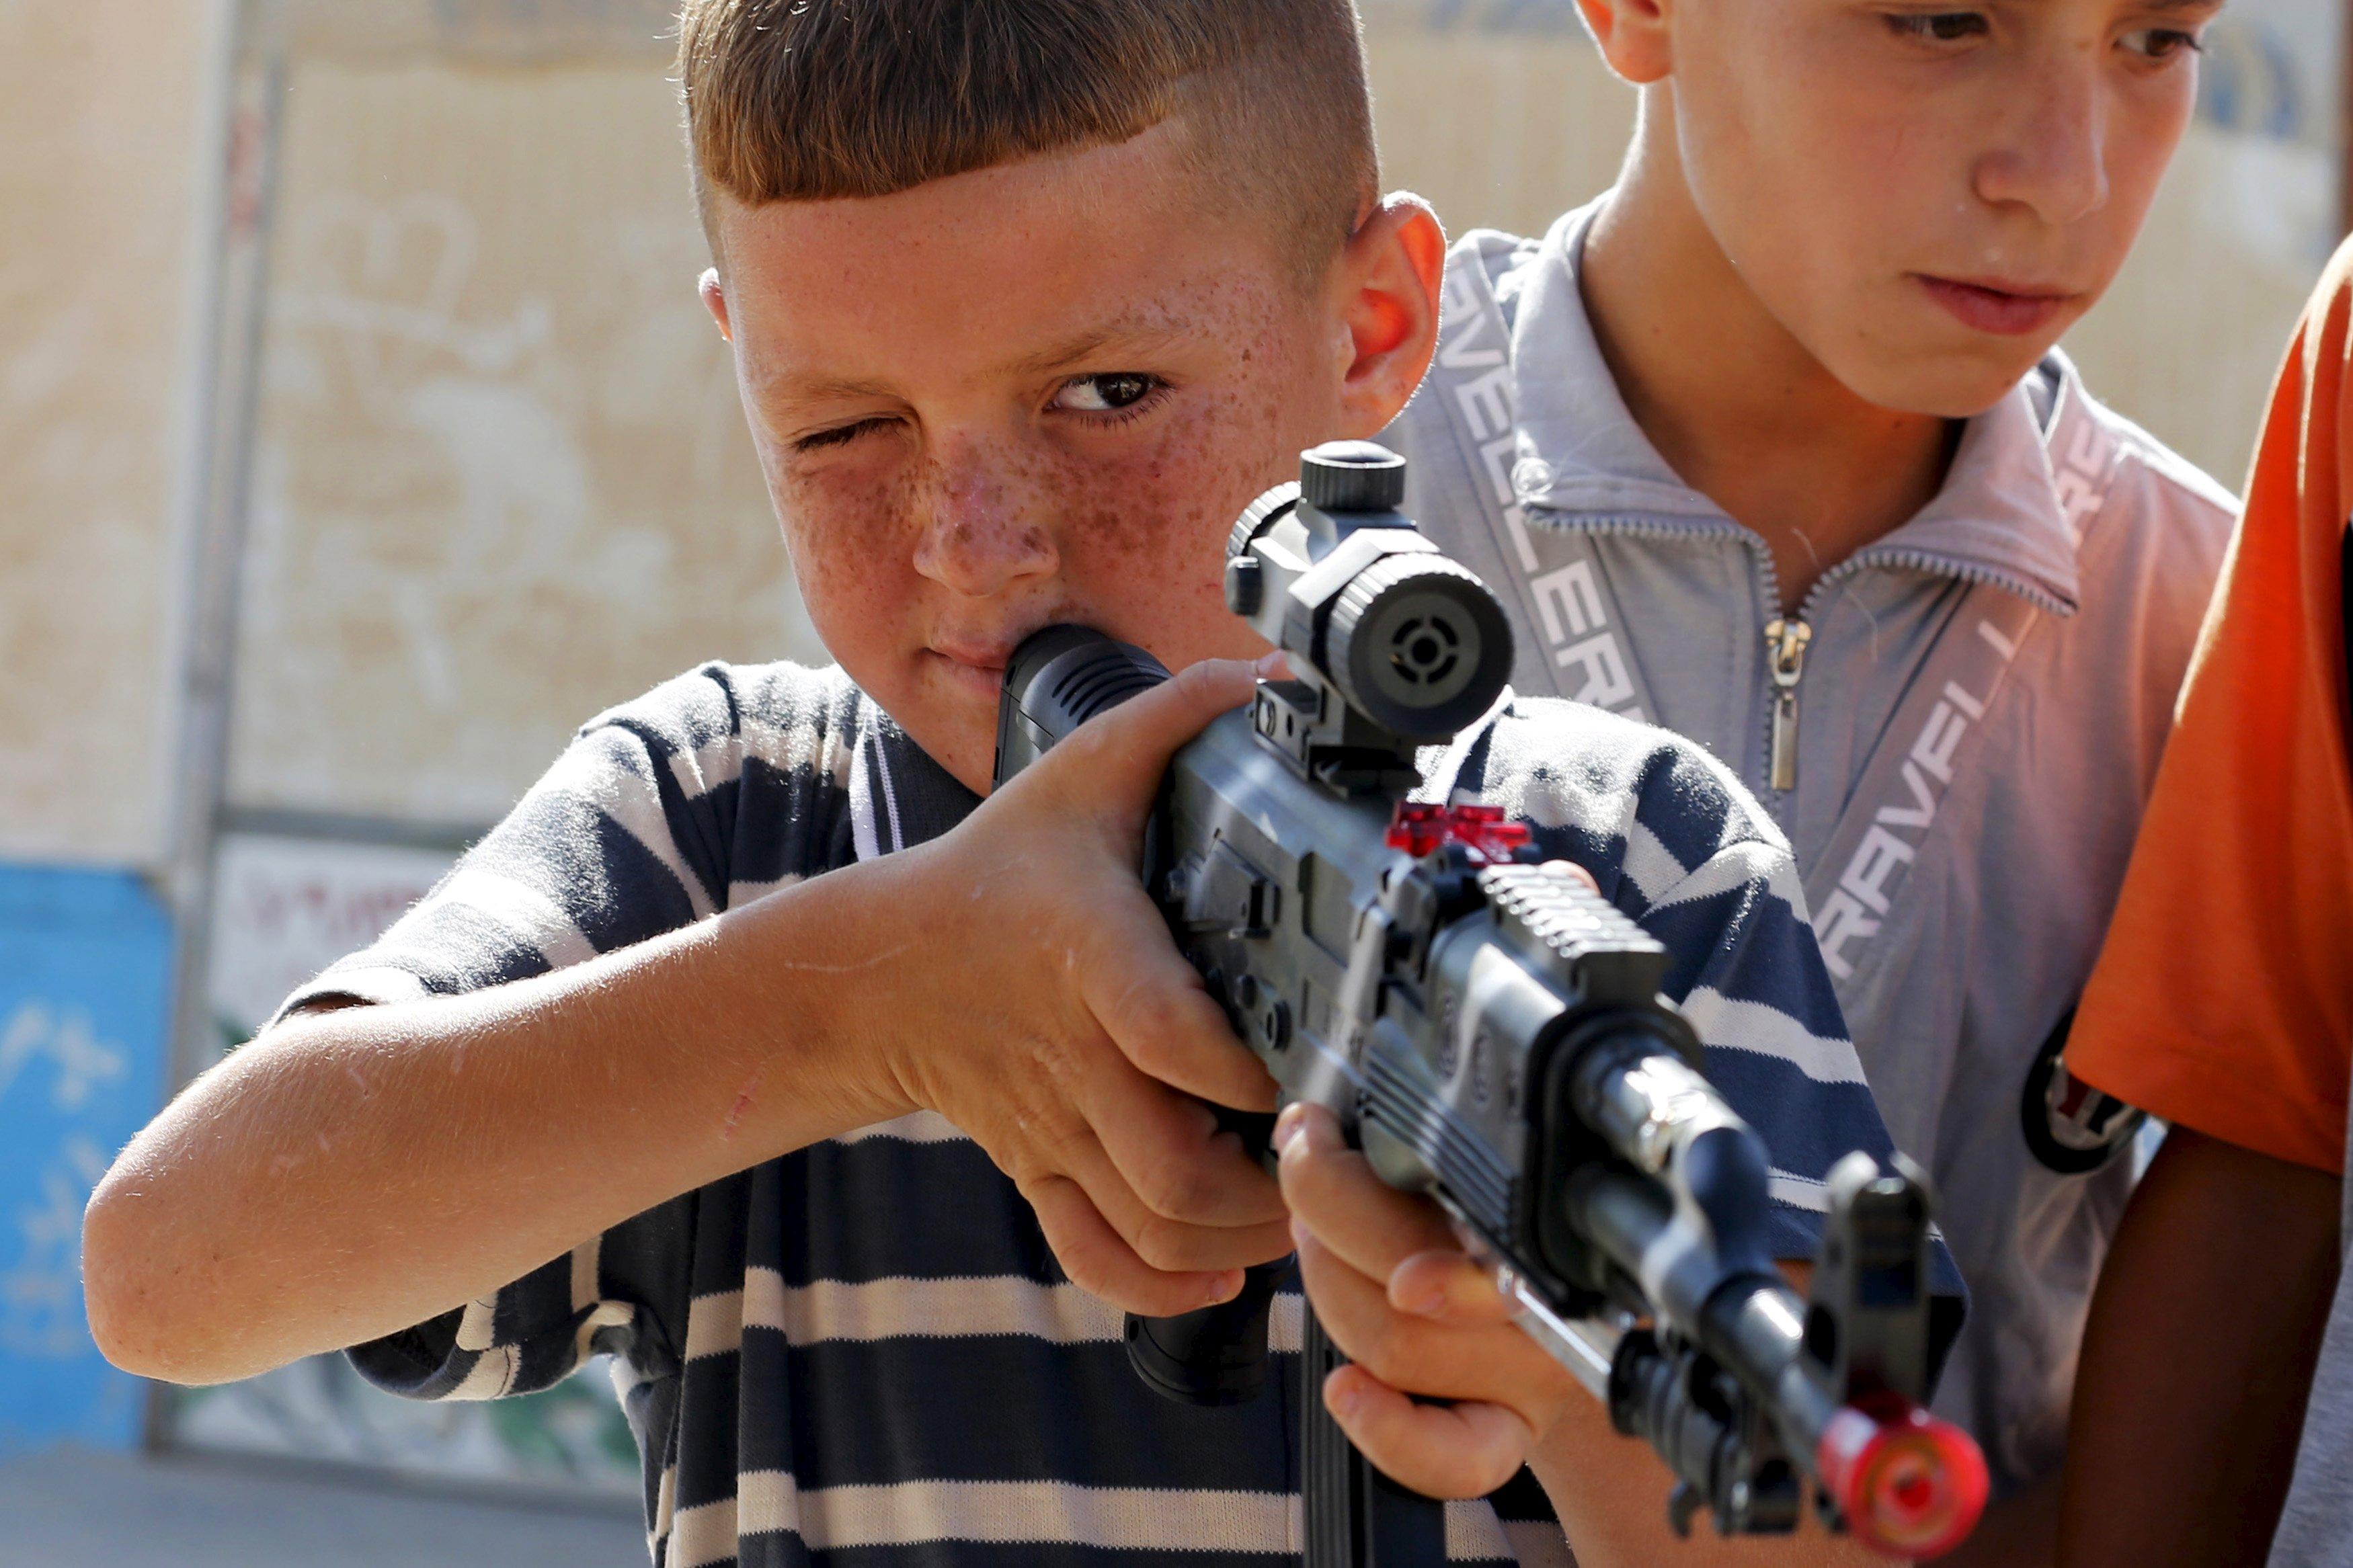 الموصل تصدر حظراً على الألعاب الخطرة